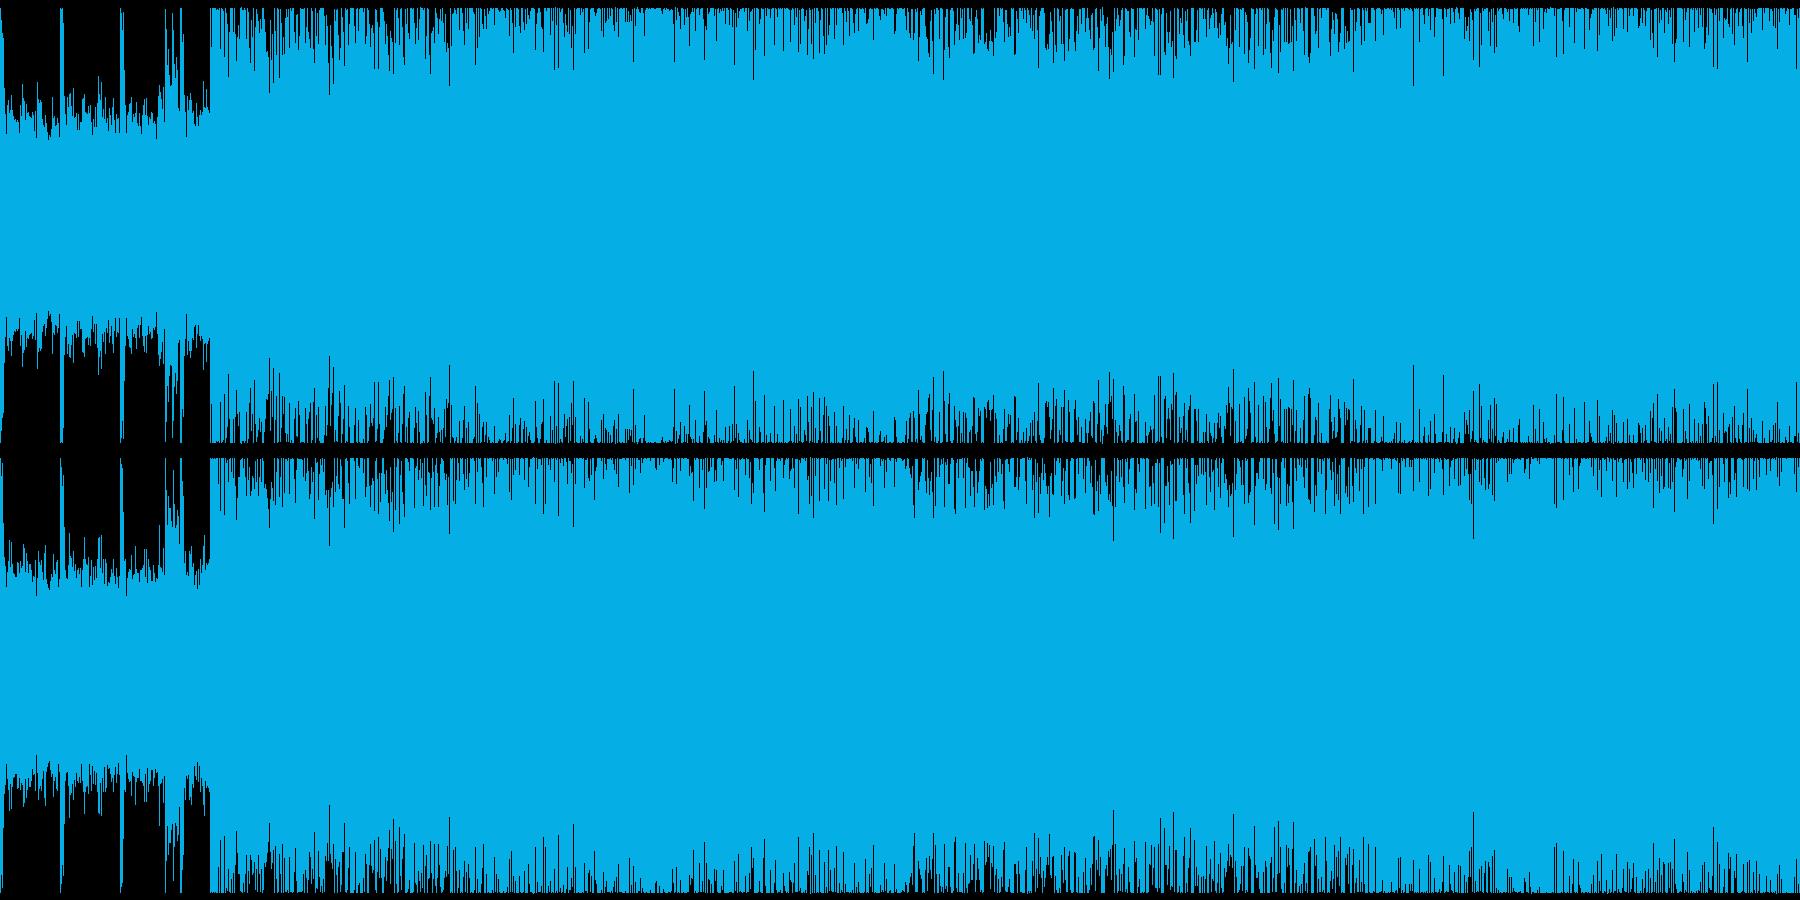 ヘヴィーなギターのループインストの再生済みの波形